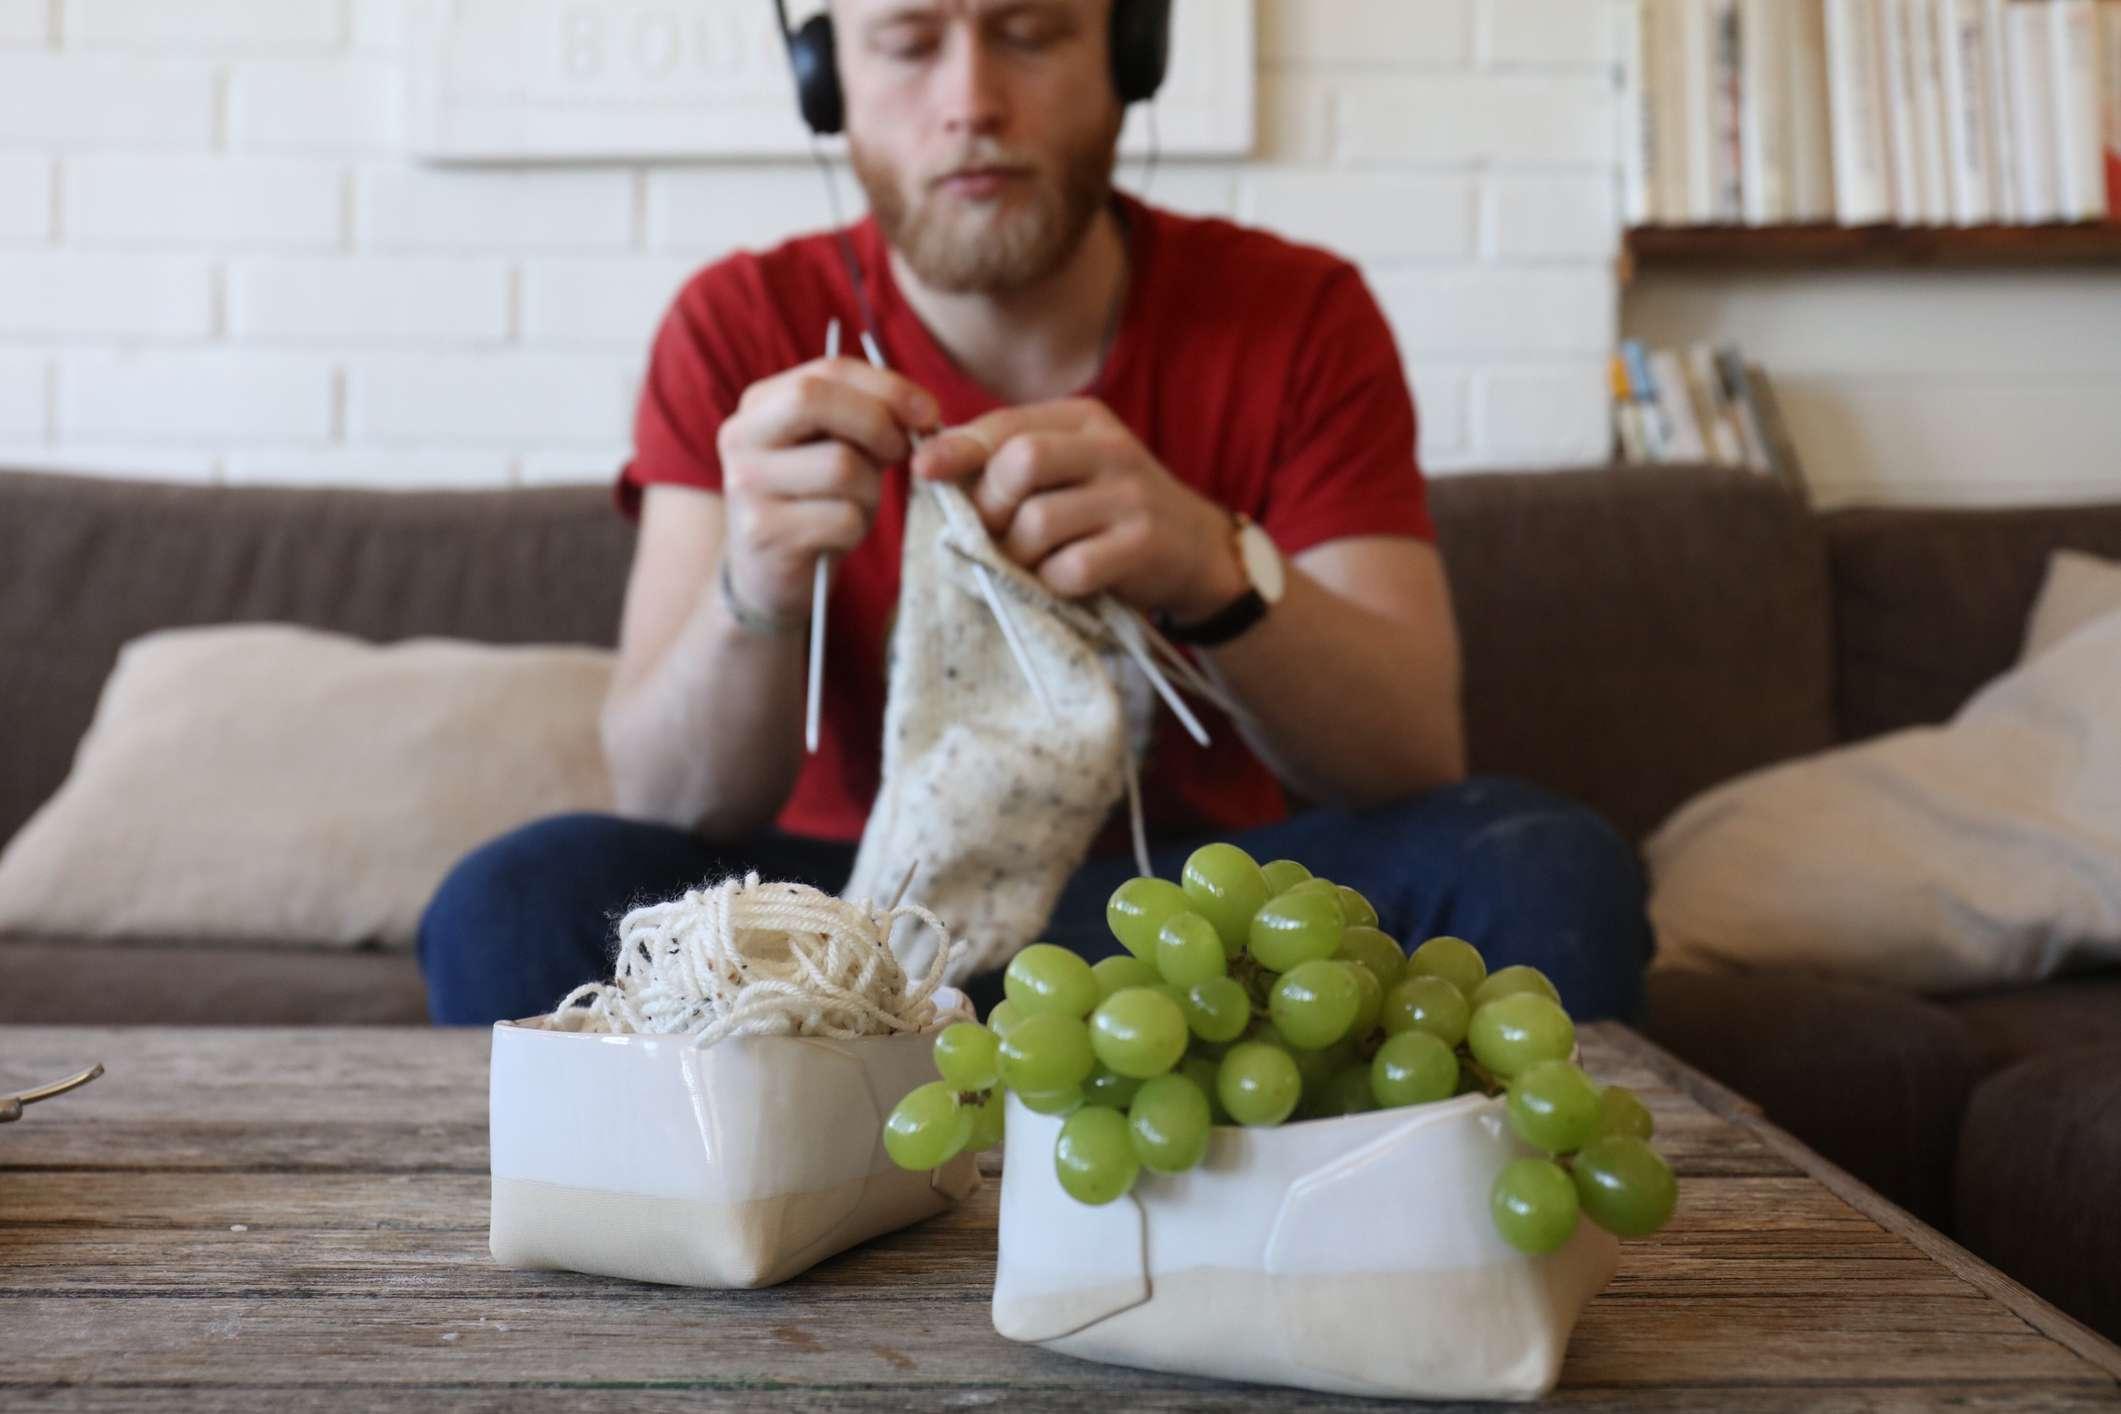 Young man knitting at home